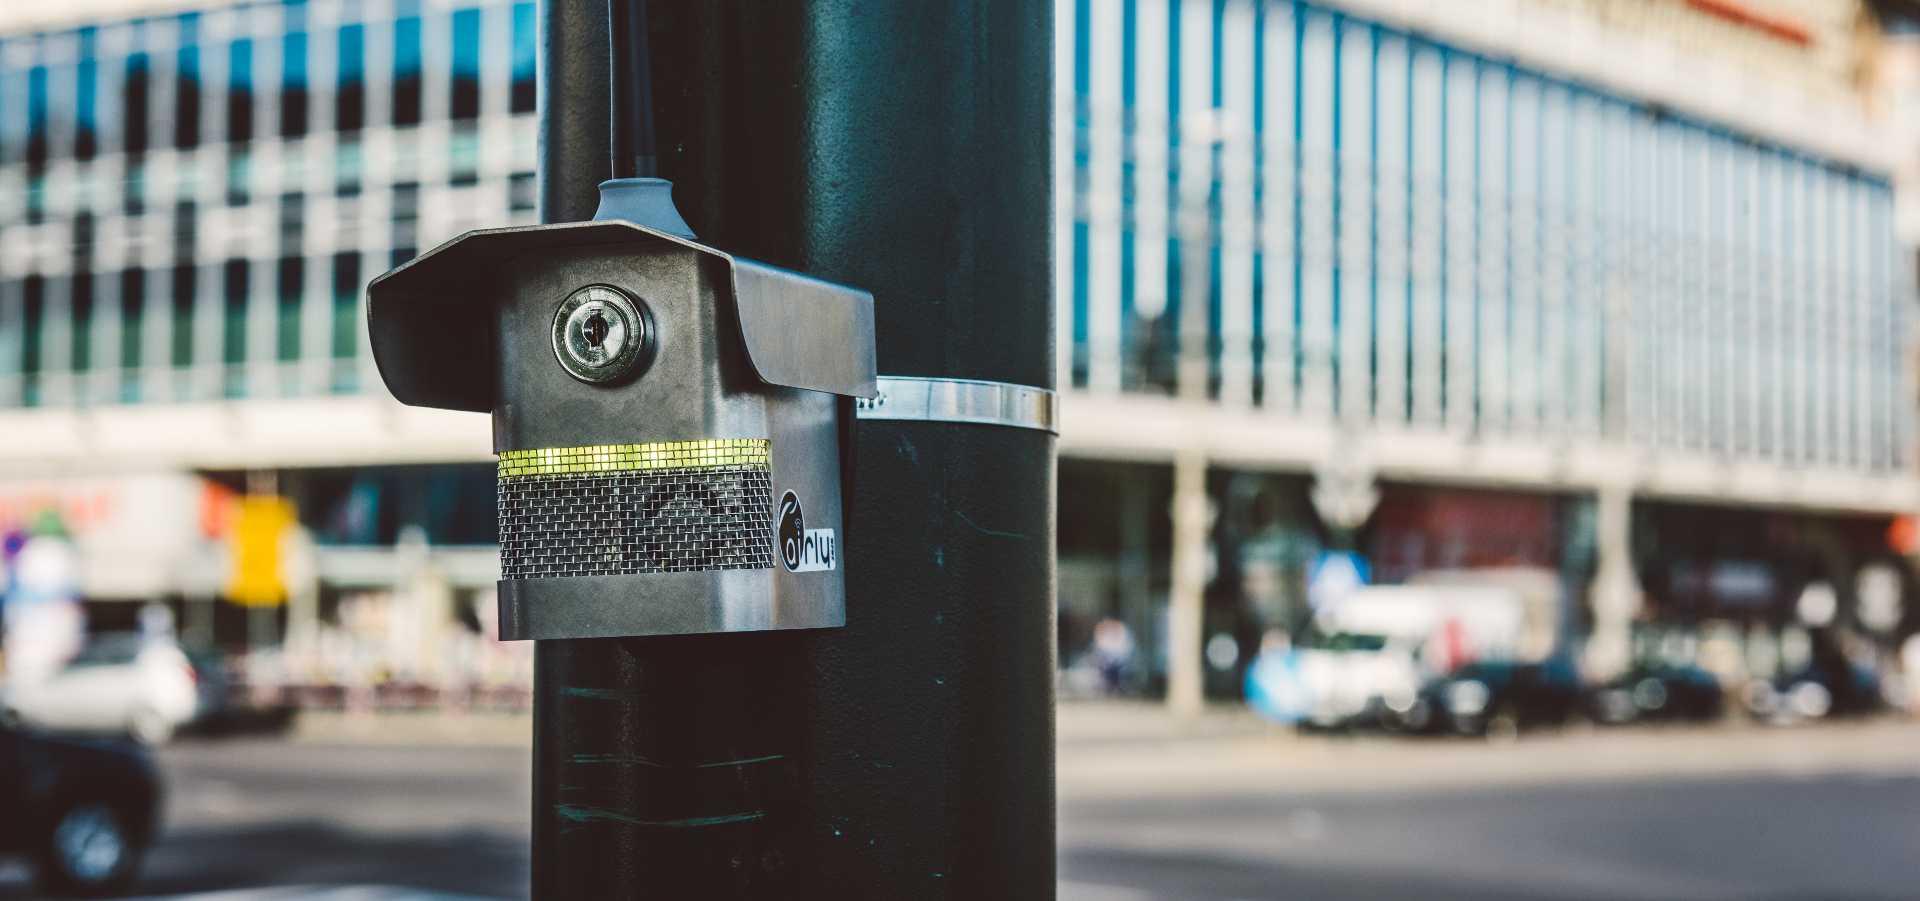 W systemie monitoringu jakości powietrza kluczowym elementem jest czujnik (fot: materiały archiwalne)